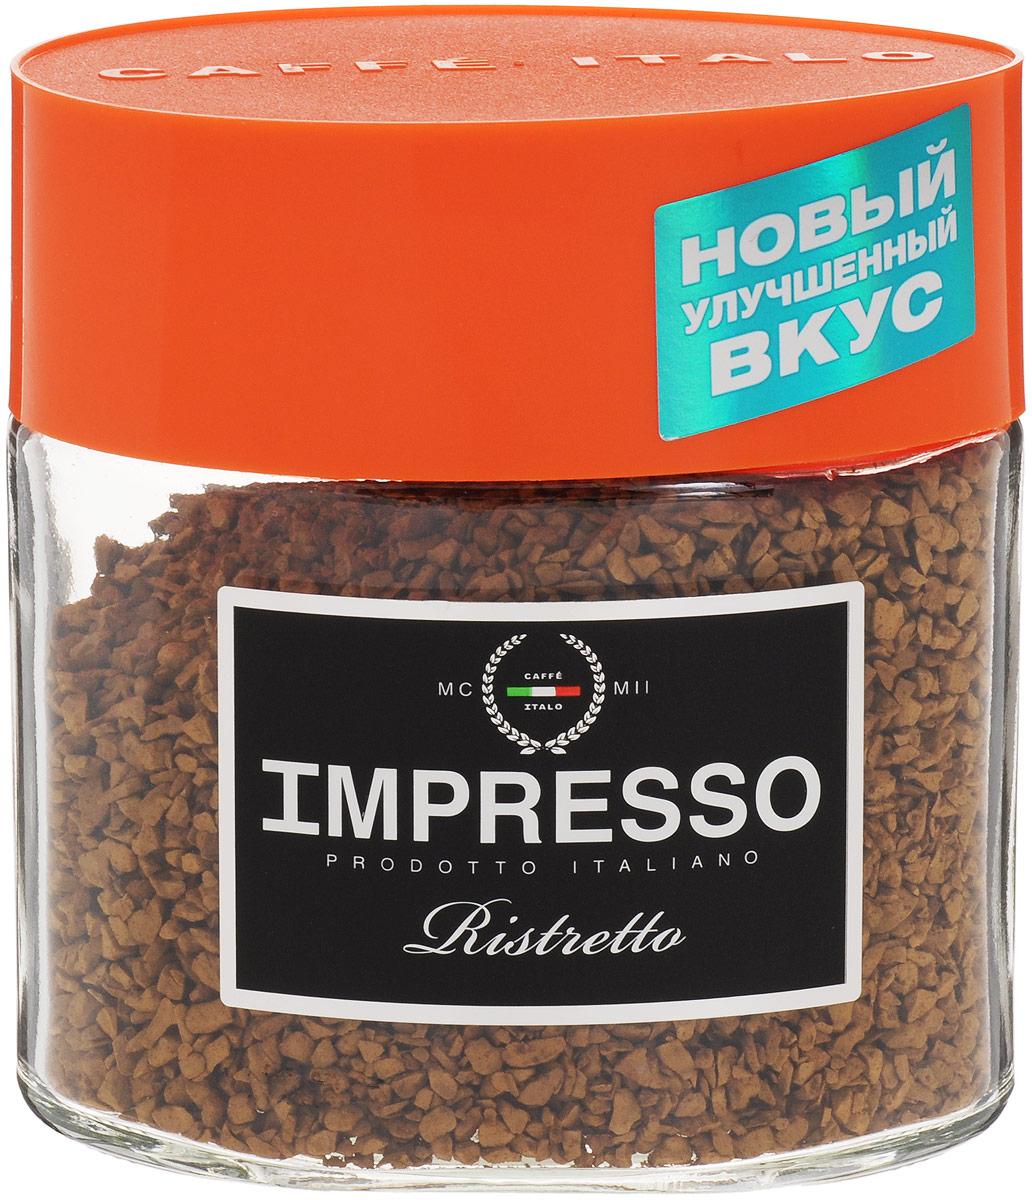 Impresso Ristretto кофе растворимый, 100 г (стеклянная банка)0120710Impresso Ristretto - это высококачественная смесь молотого и растворимого кофе из лучшей арабики Бразилии, Никарагуа и Мексики с крепким, насыщенным вкусом. Купаж кофе Impresso Ristretto собран из лучших сортов арабики Бразилии, Никарагуа и Мексики, благодаря чему этот настоящий итальянский кофе обладает поистине крепким и насыщенным вкусом.Уважаемые клиенты! Обращаем ваше внимание на то, что упаковка может иметь несколько видов дизайна. Поставка осуществляется в зависимости от наличия на складе.